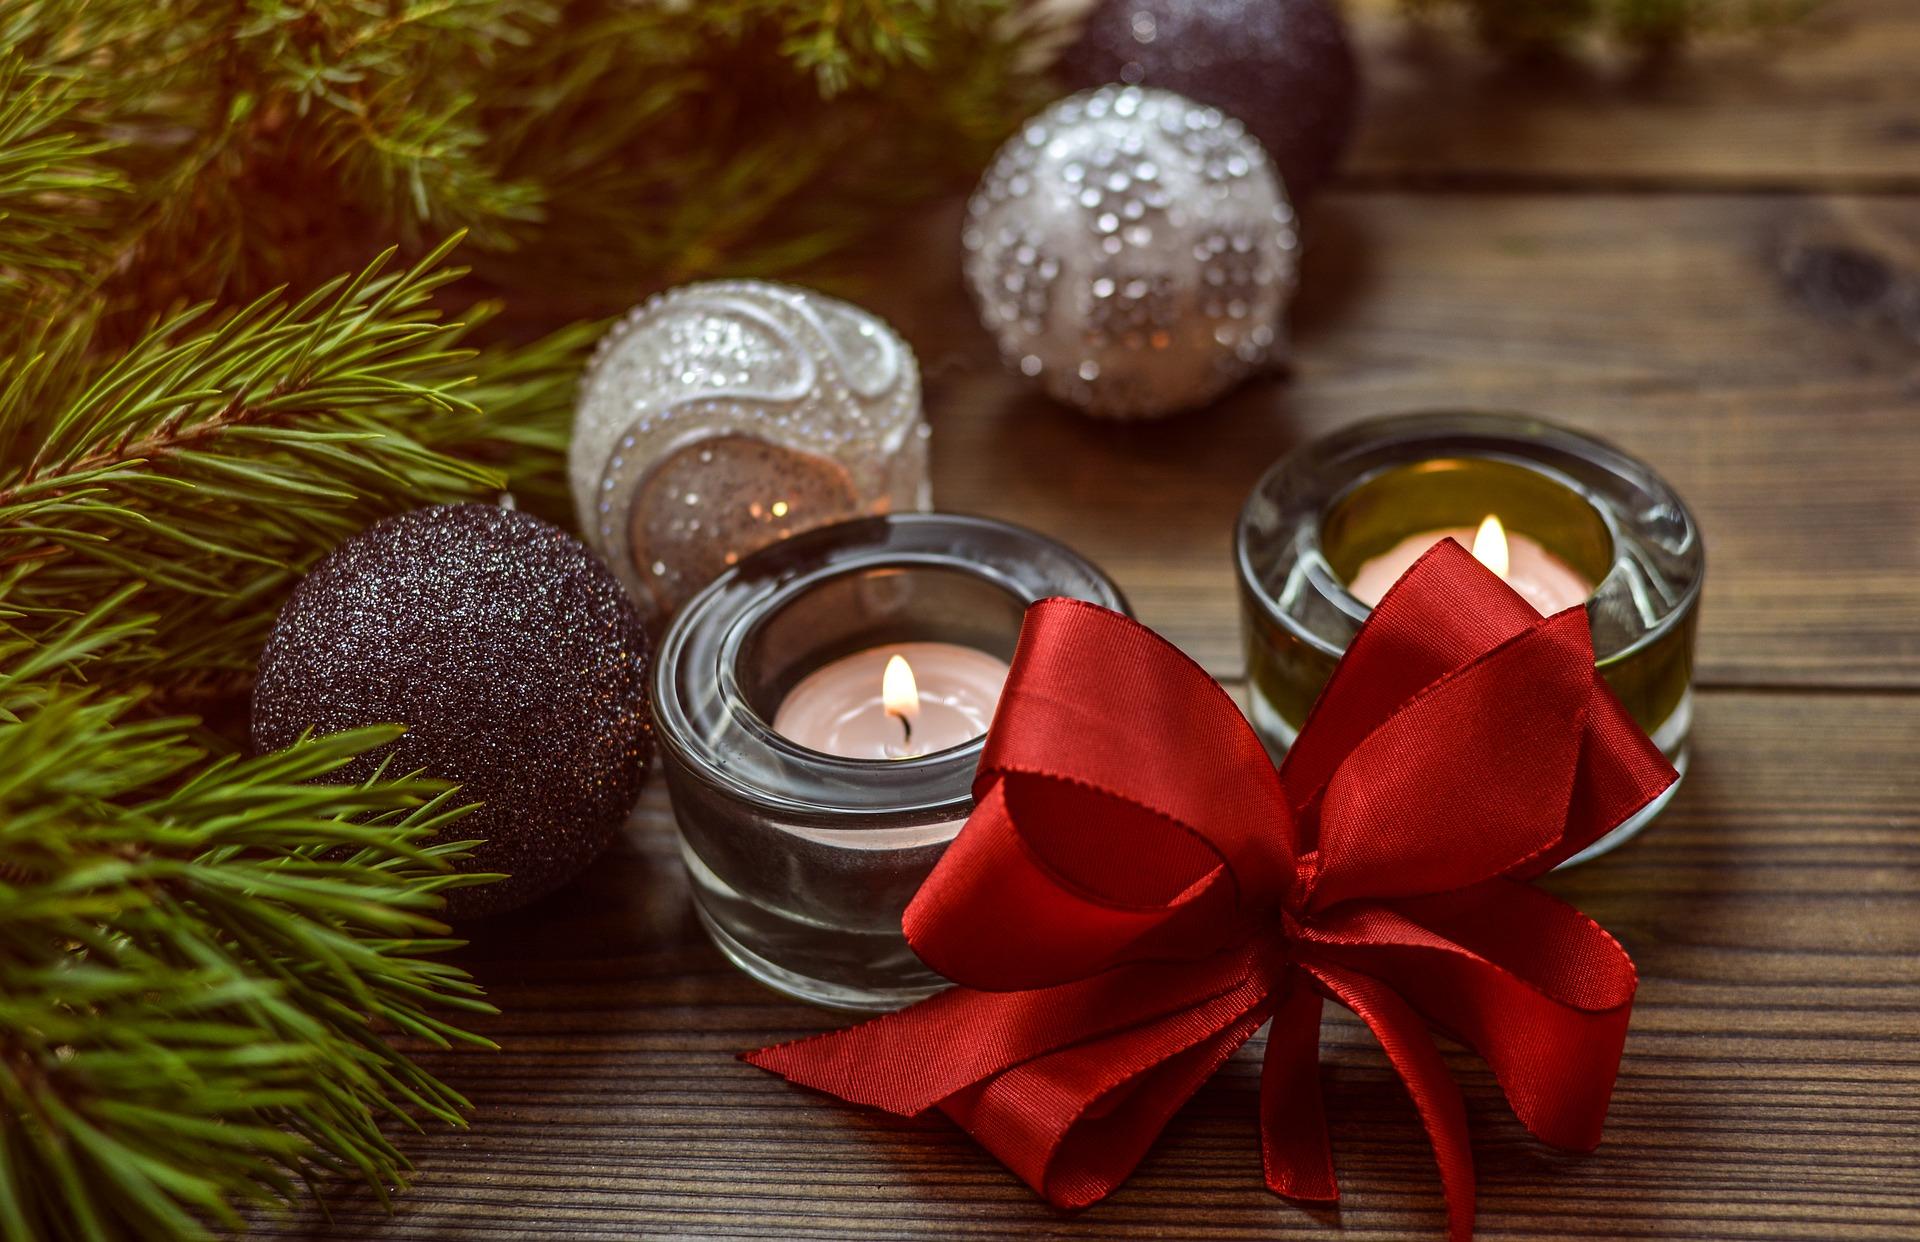 Békés, Áldott Karácsonyt kívánunk!